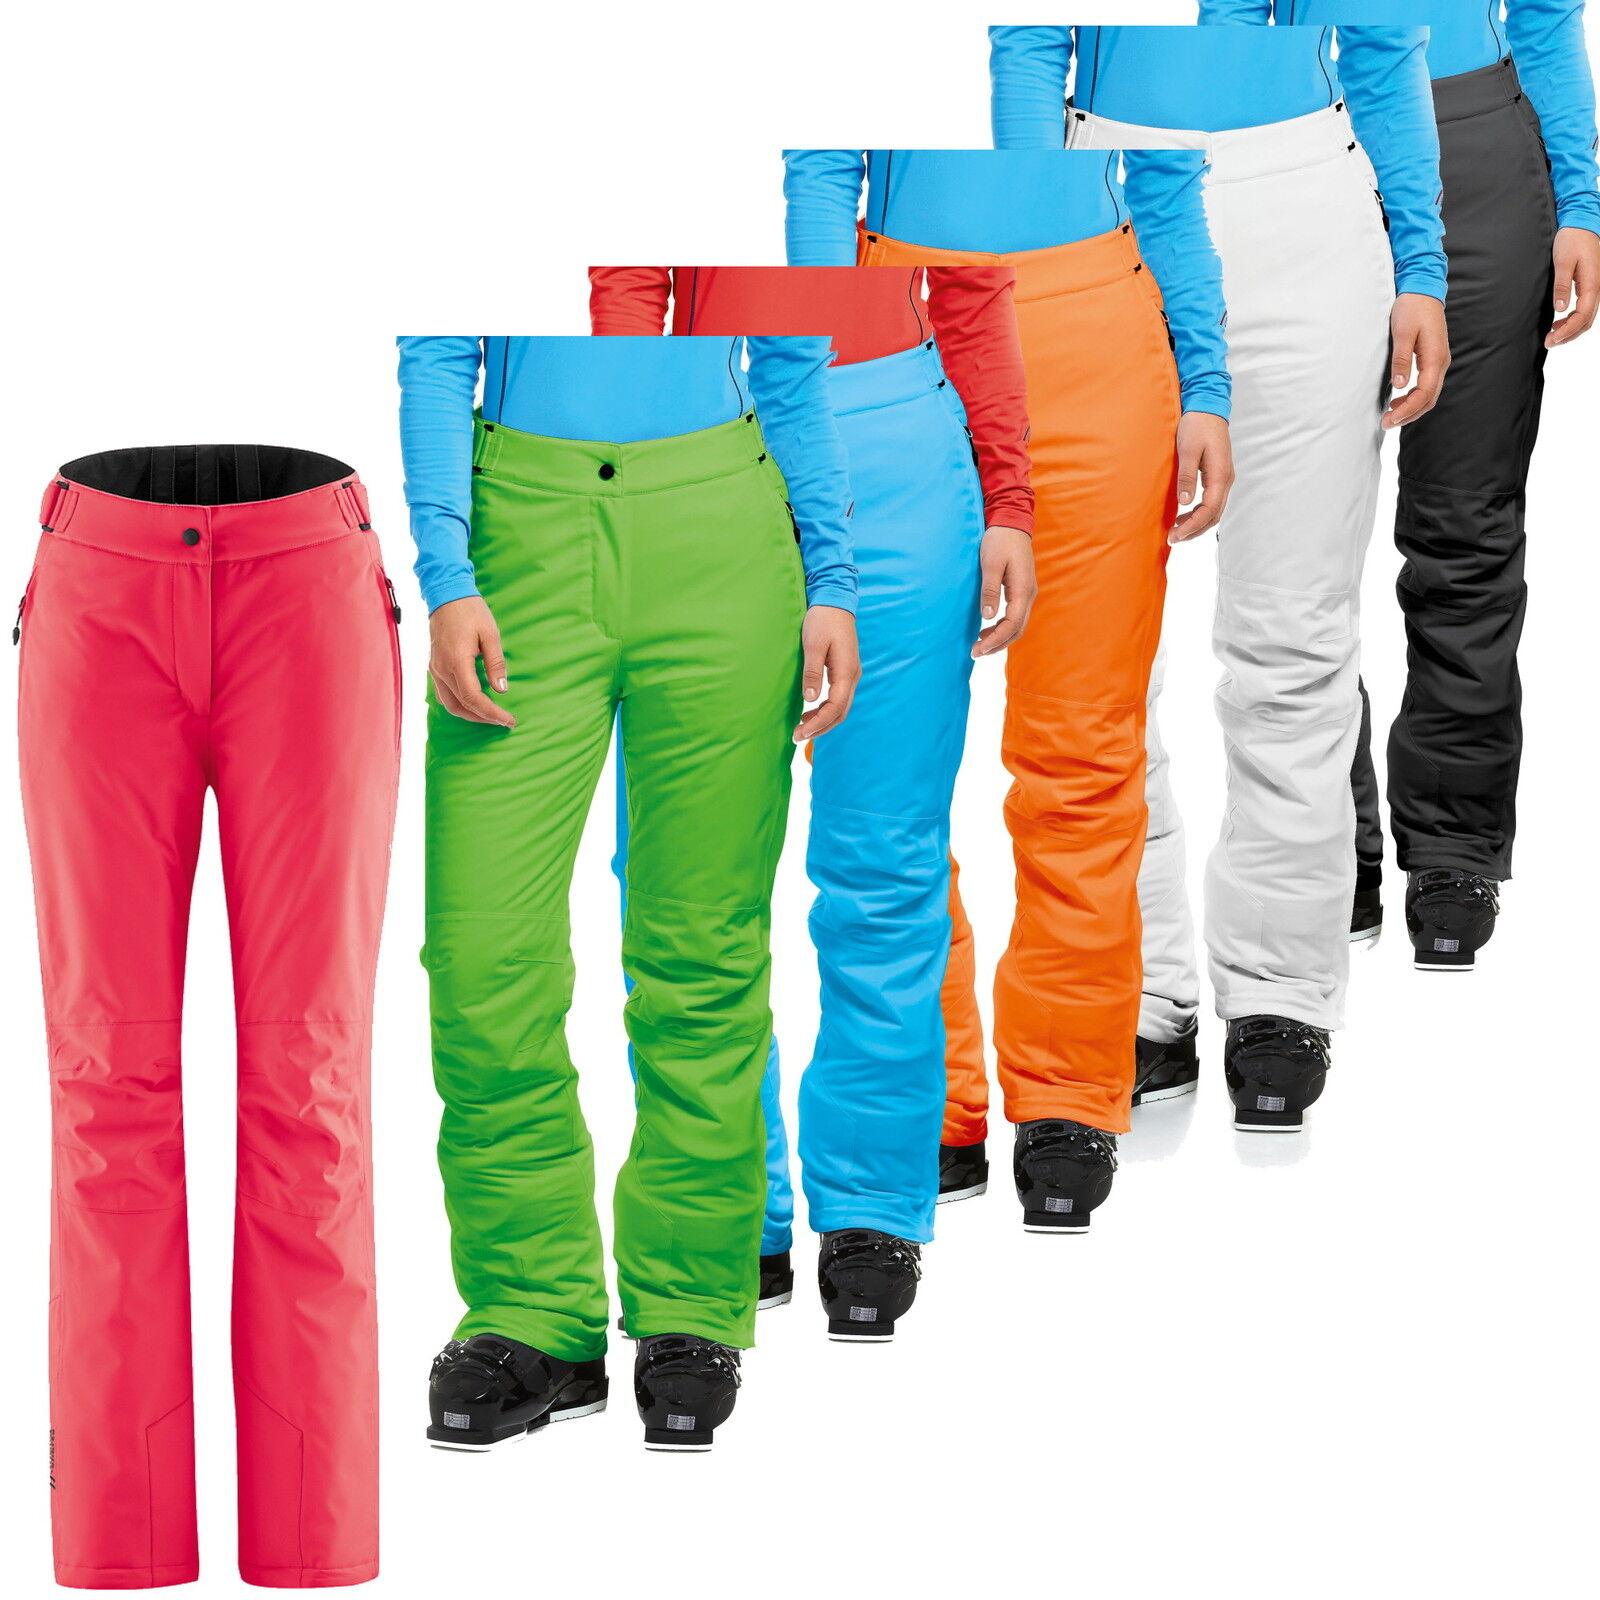 Maier-Sports Damen Skihose RESI 2 - 200000 - Normalgrößen und Kurz - 6 Farben